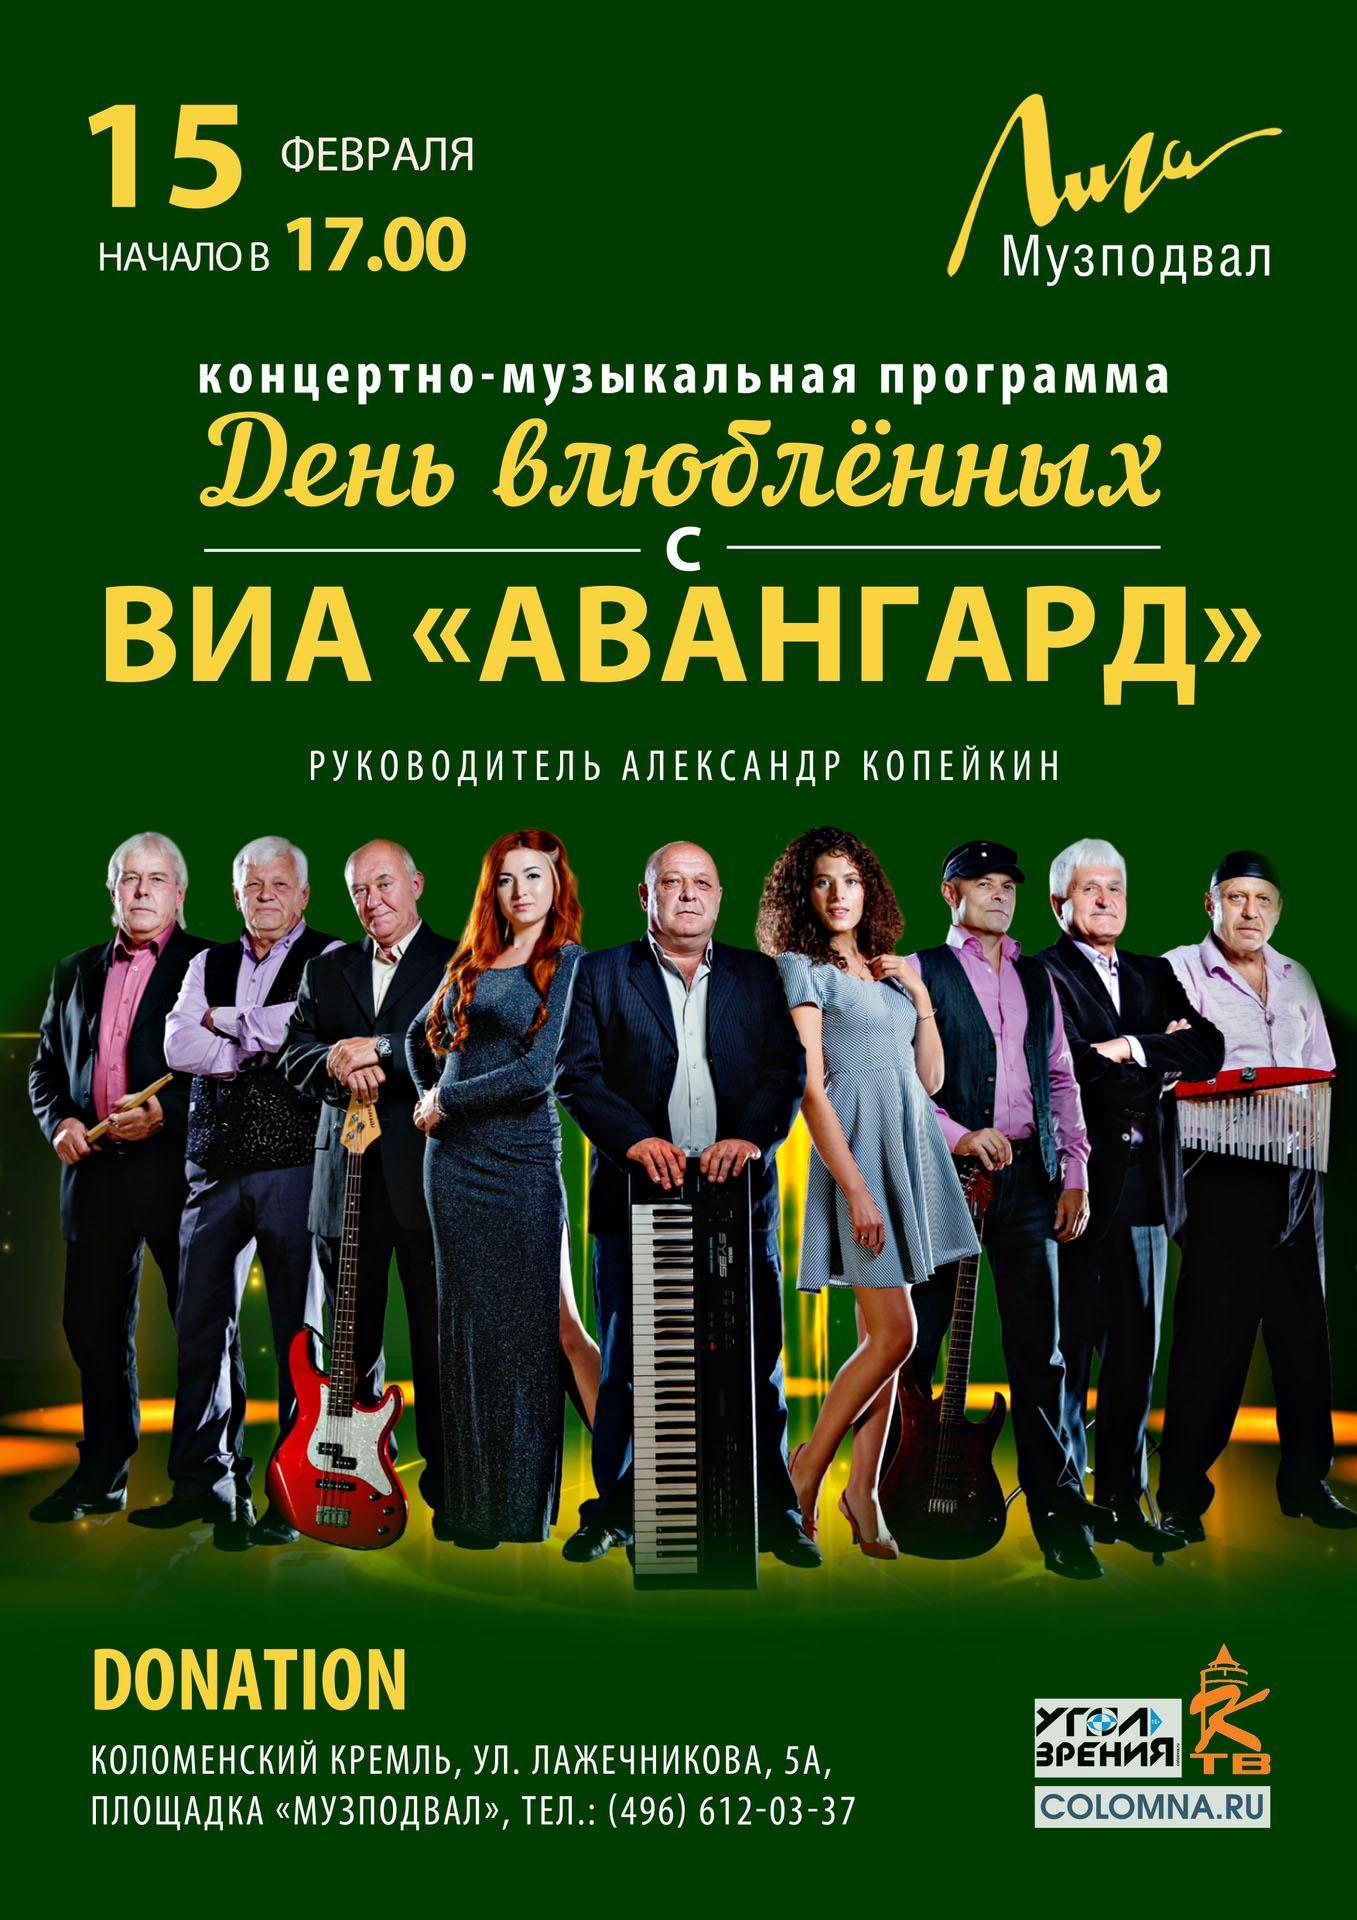 Концертно-музыкальная программа «День влюблённых с группой «Авангард» пройдёт в музподвале «Лиги» 15 февраля